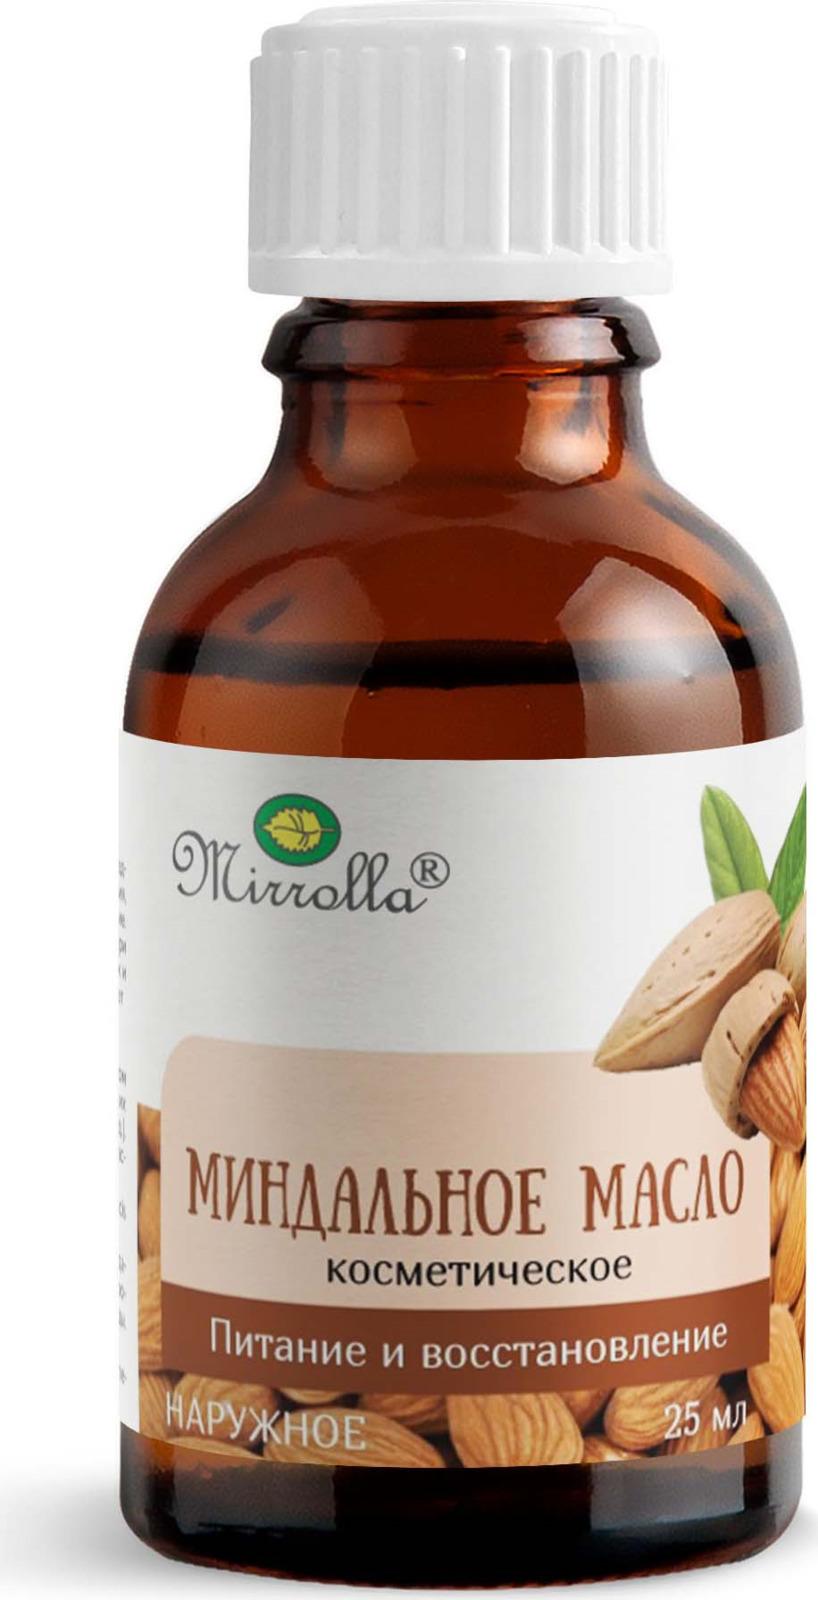 Масло косметическое Mirrolla 25 мл масло кокоса mirrolla косметическое 25 мл